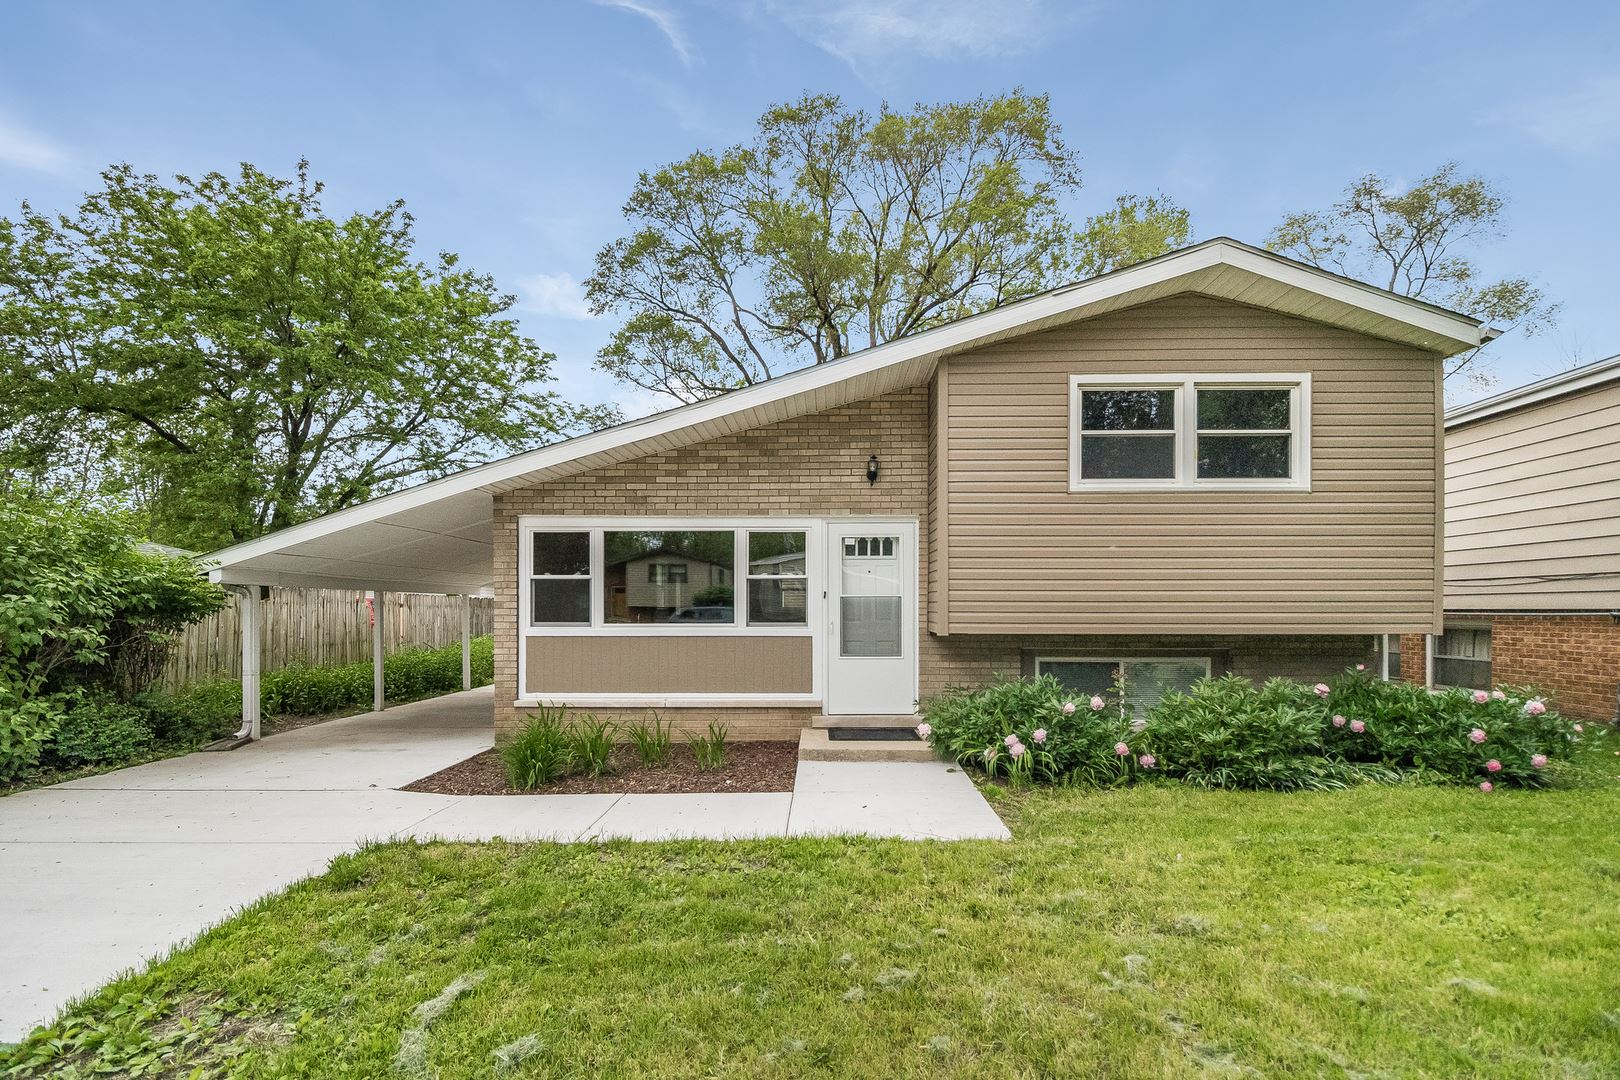 2217 Saint Francis Avenue, Joliet, IL 60436 - #: 10733553